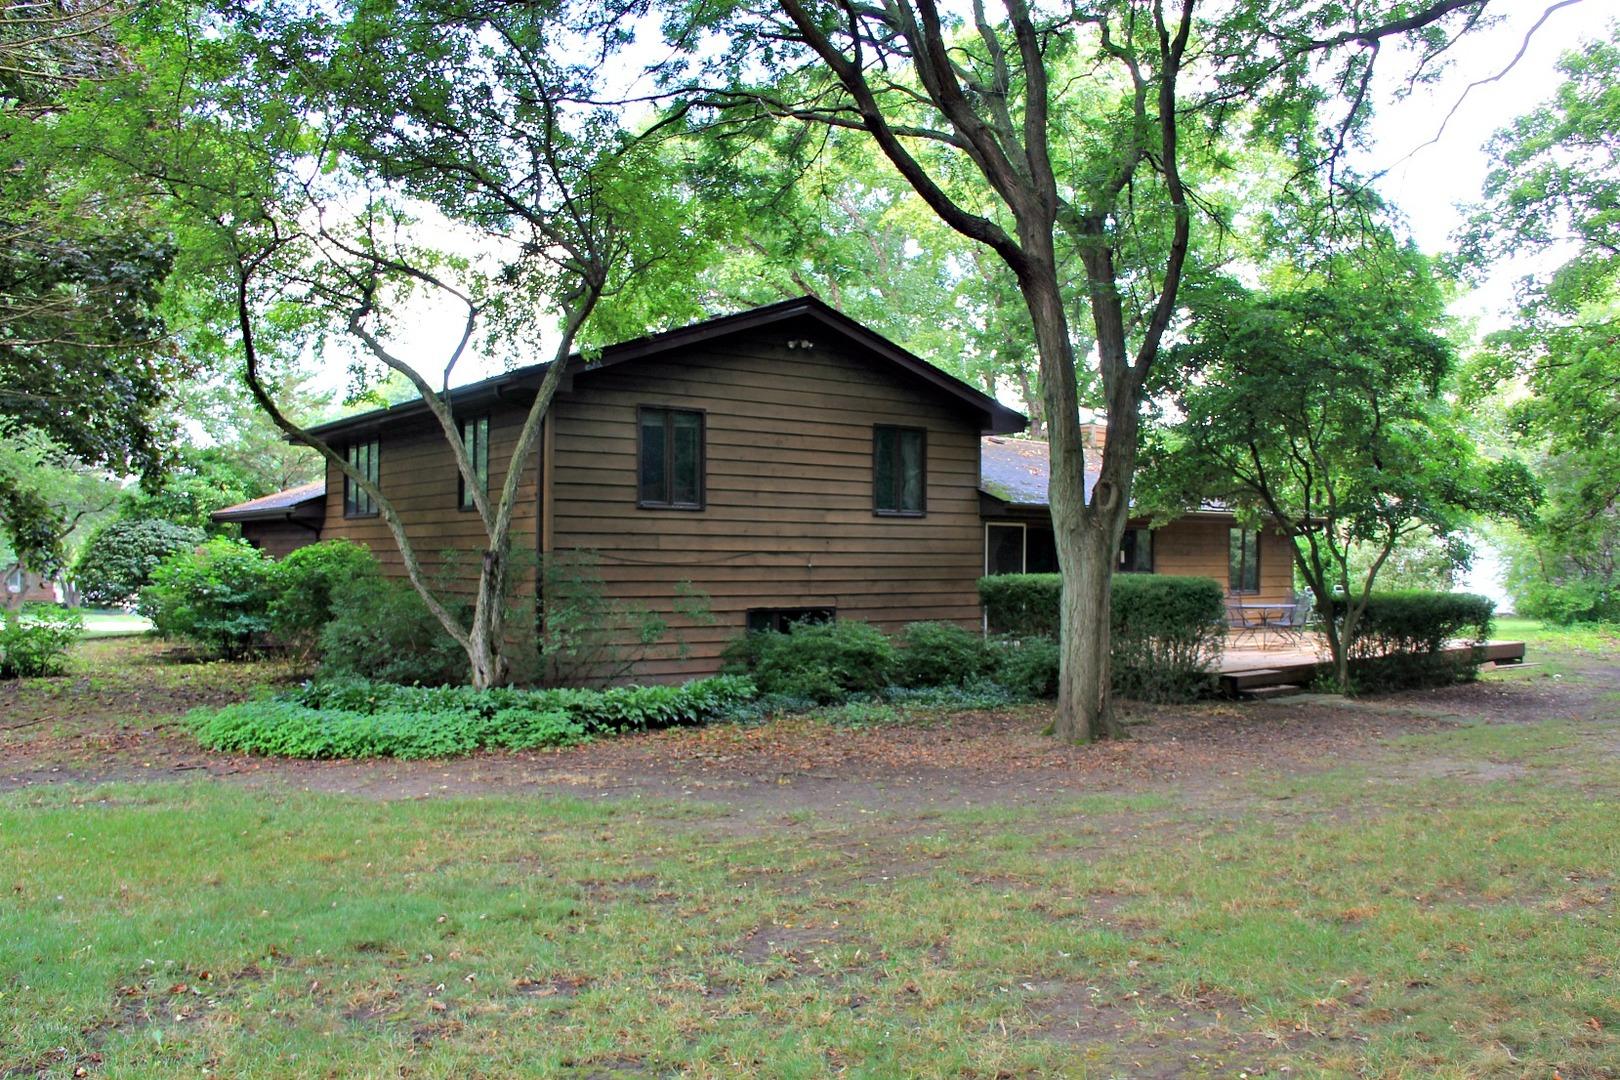 0S863 Thorndon Ridge, ELBURN, Illinois, 60119